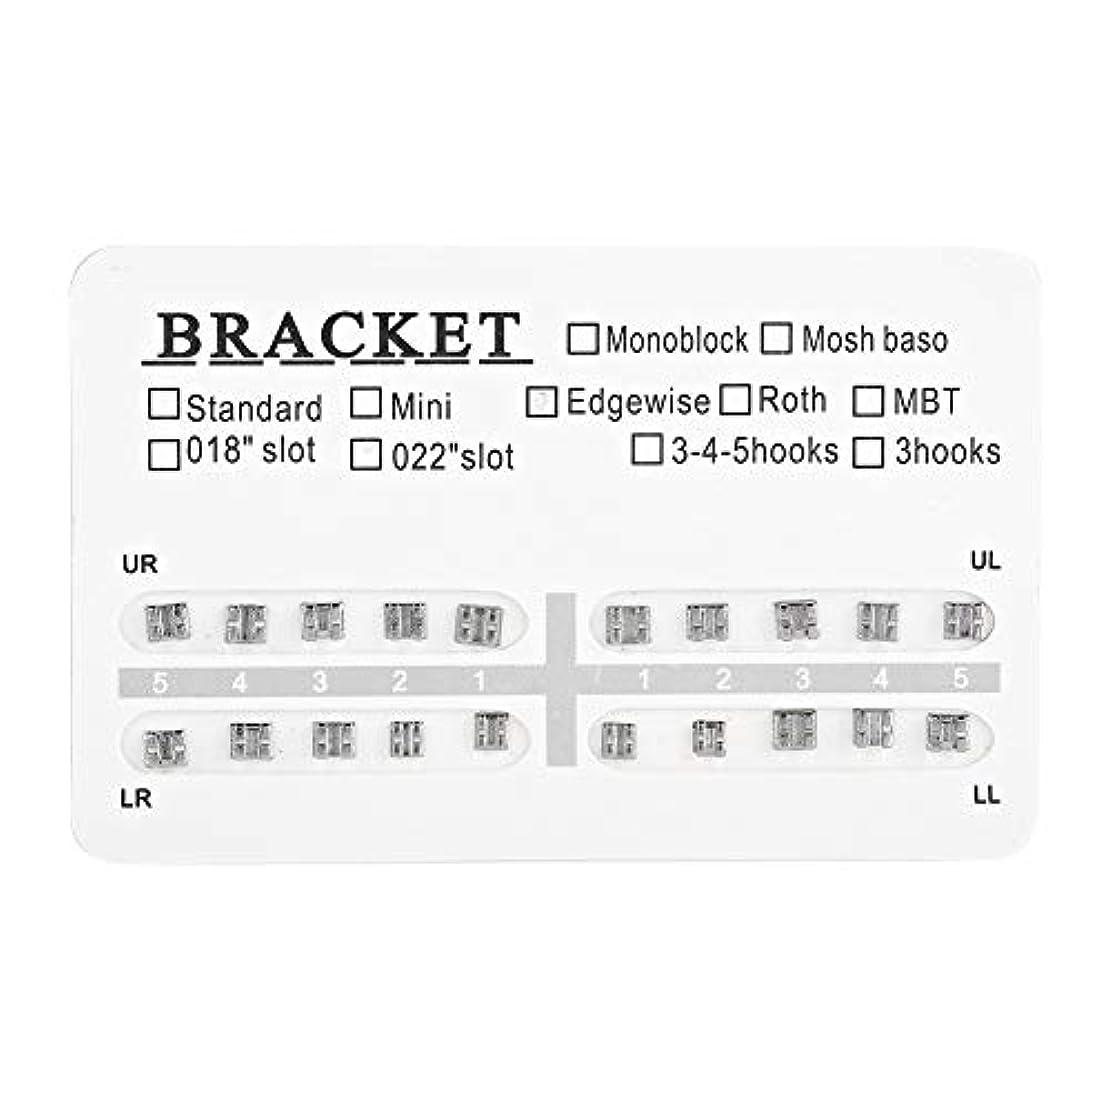 のれんビット原点歯科矯正ブラケット、歯科矯正装置、歯科矯正用、10ケースセット 、ミニブレース、フックなし